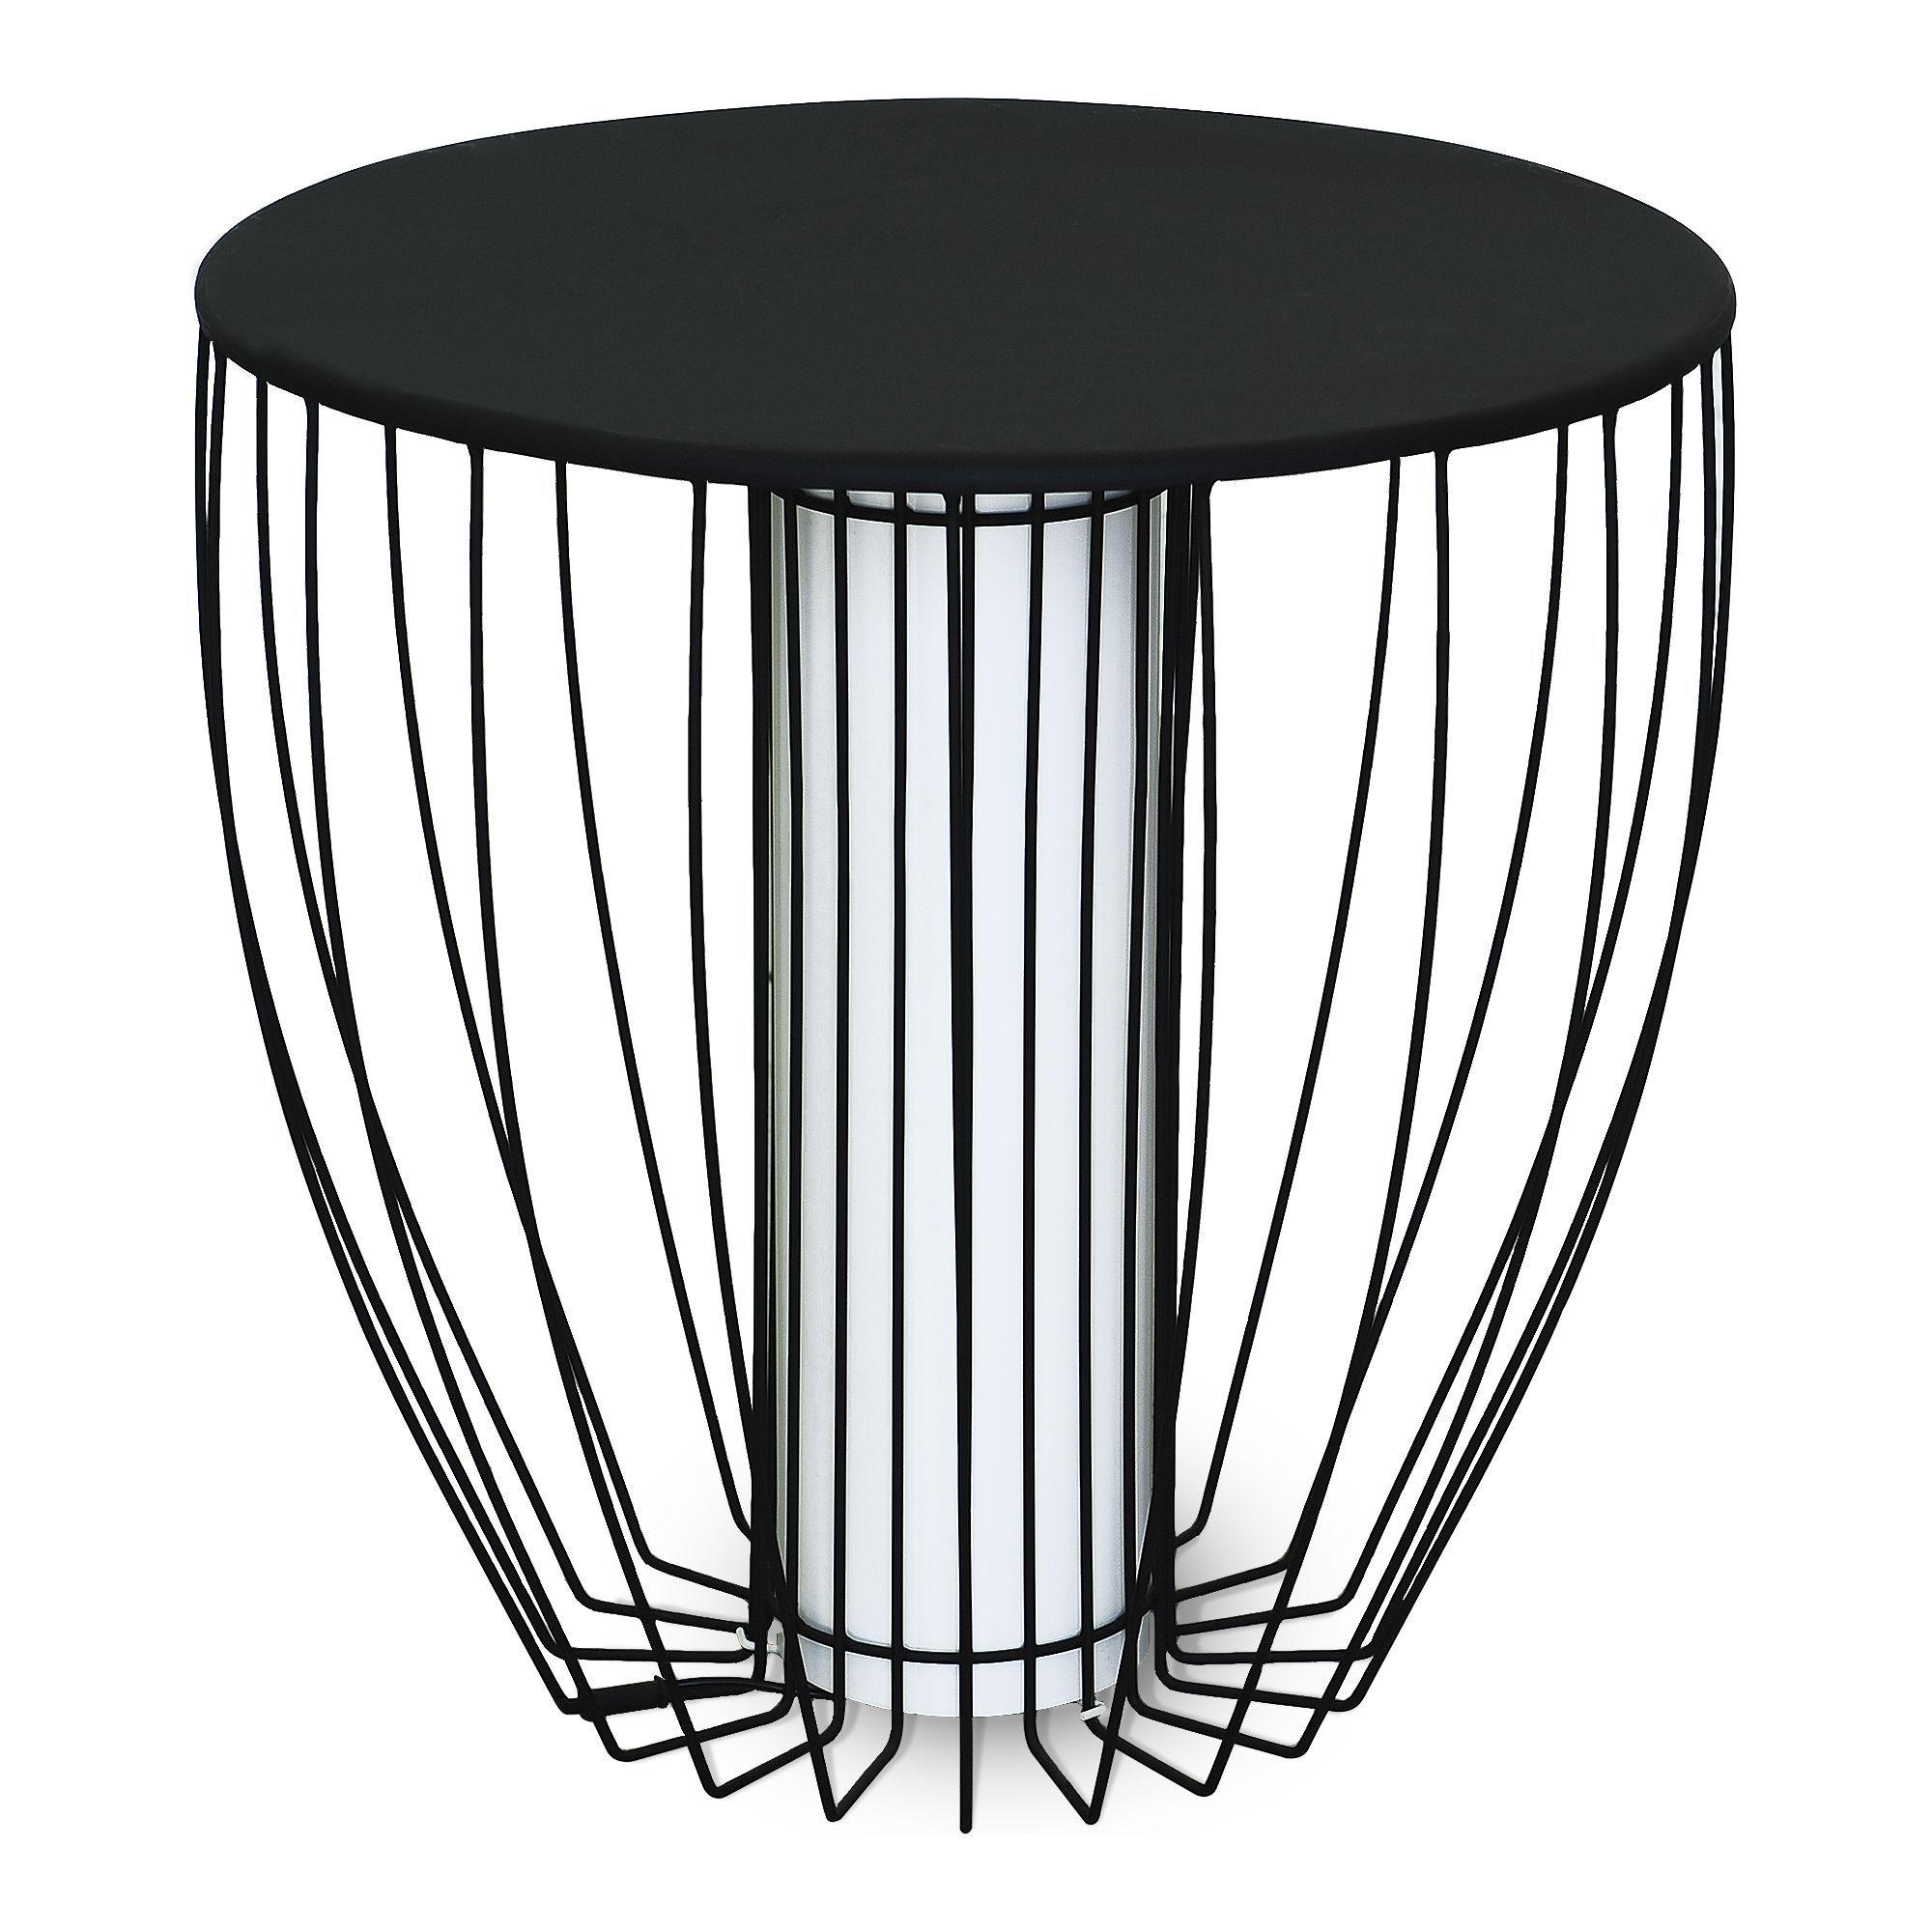 bout de canap lumineux en acier noir kama tables basses consoles tables et chaises. Black Bedroom Furniture Sets. Home Design Ideas